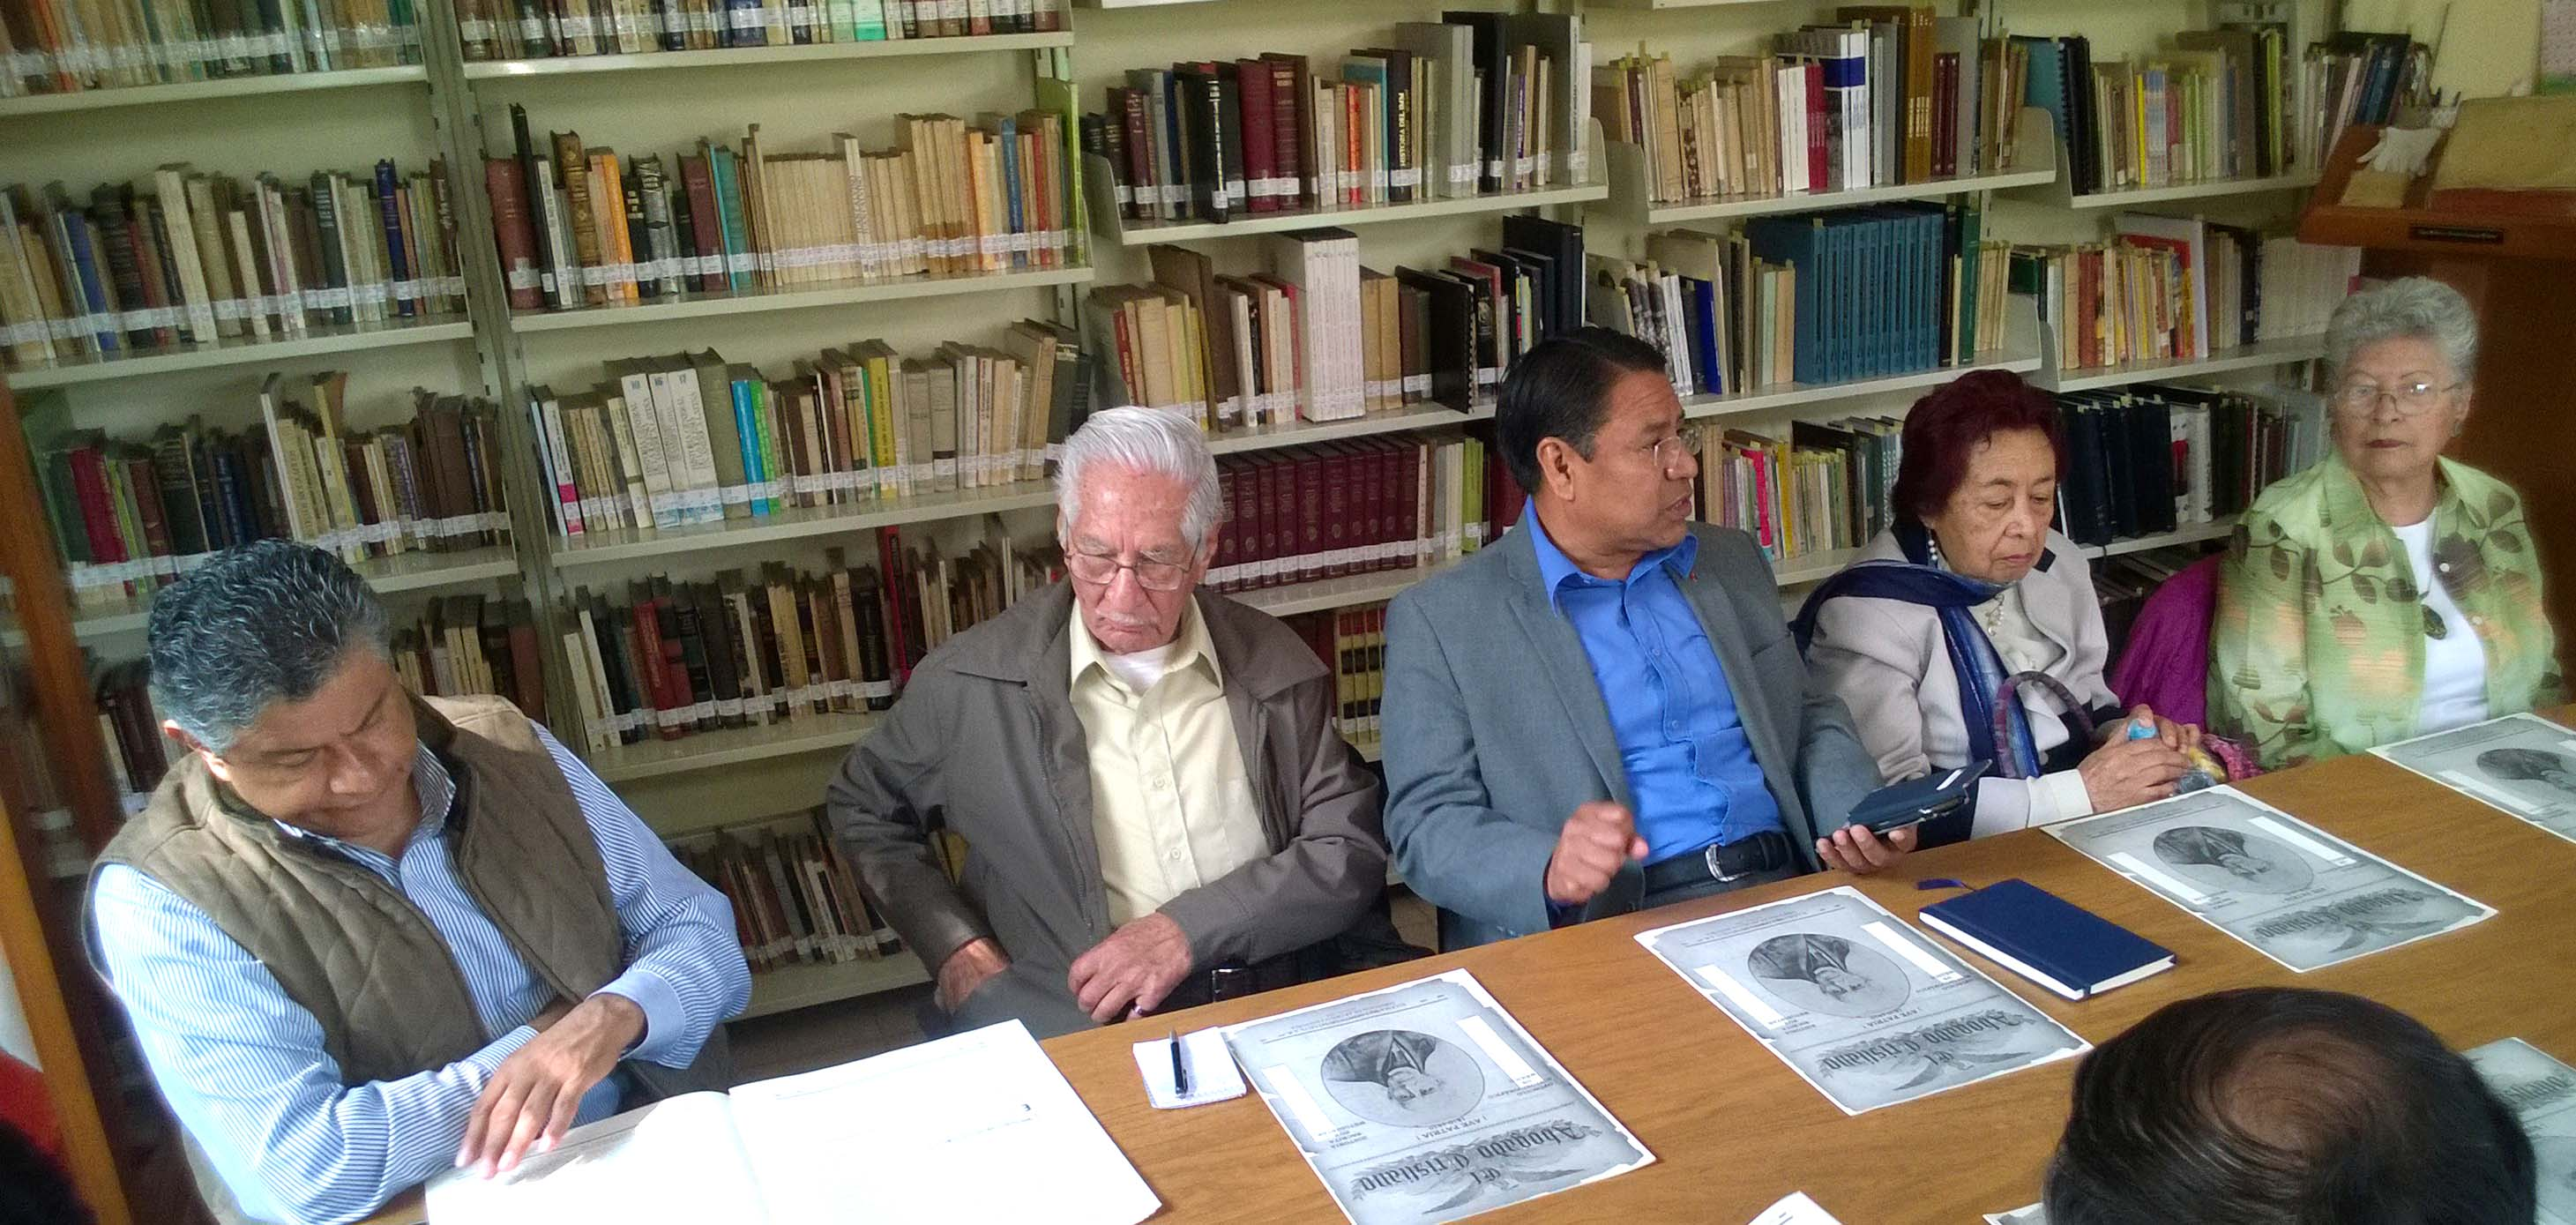 Eliseo Rios, Blas L. Reyes, Pedro Moreno, Alicia Ruiz, Margarita Velasco.